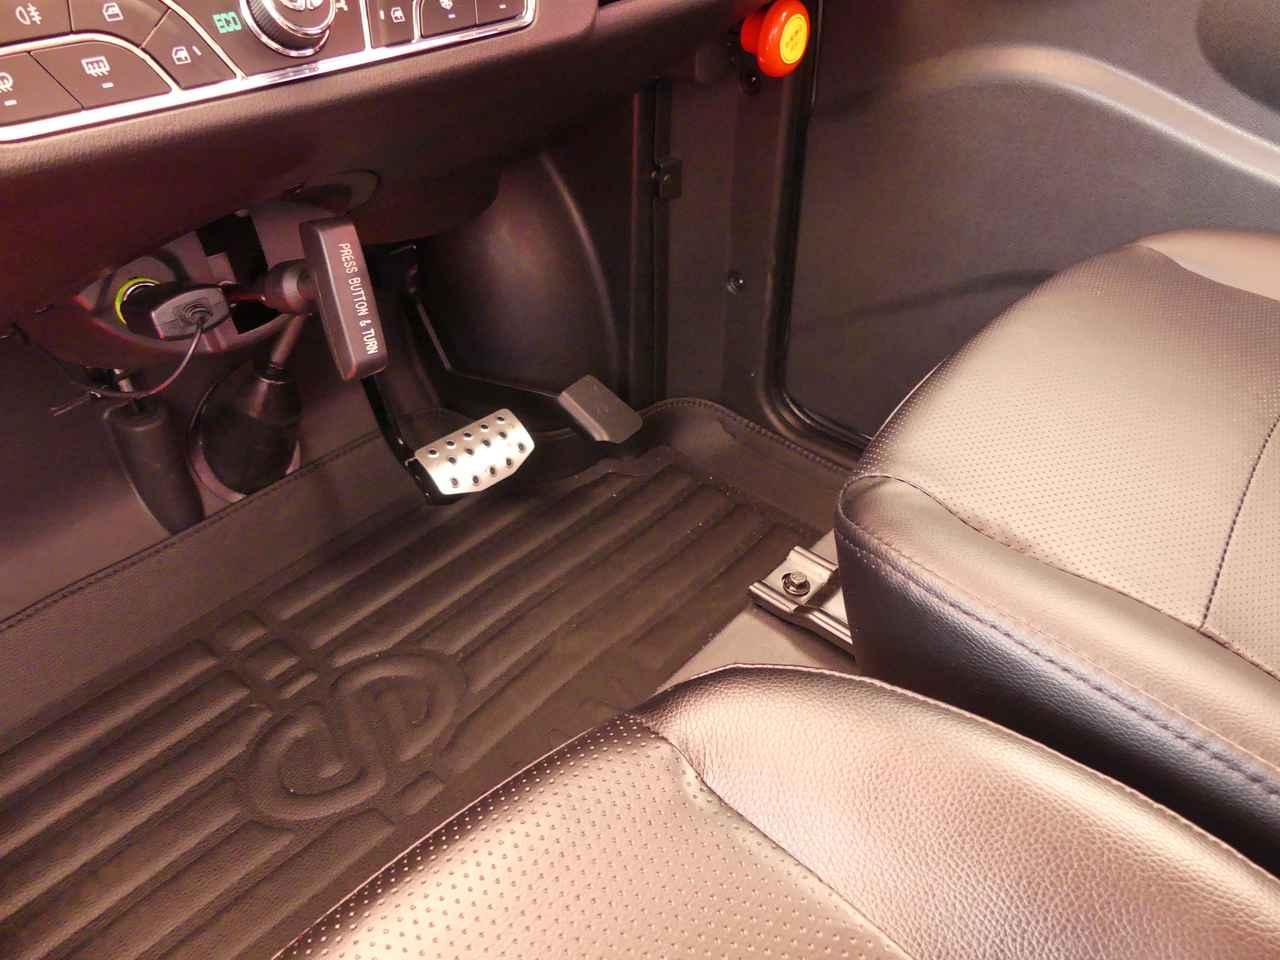 Images : 7番目の画像 - 超小型EV「タジマ ジャイアン」 - Webモーターマガジン